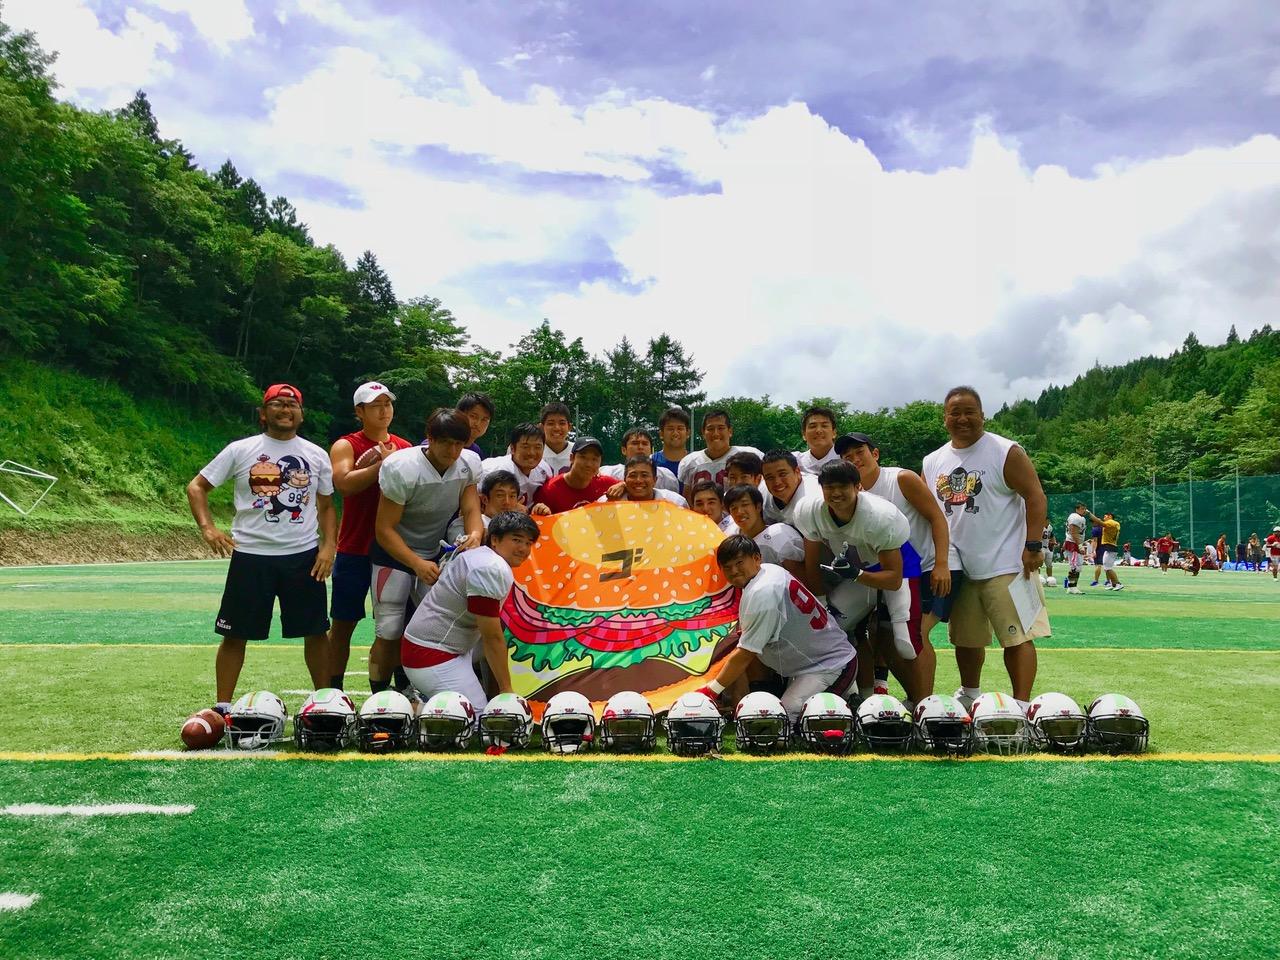 指導して3年目を迎えた早稲田大学の教え子との夏合宿での中村多聞さん(右端)